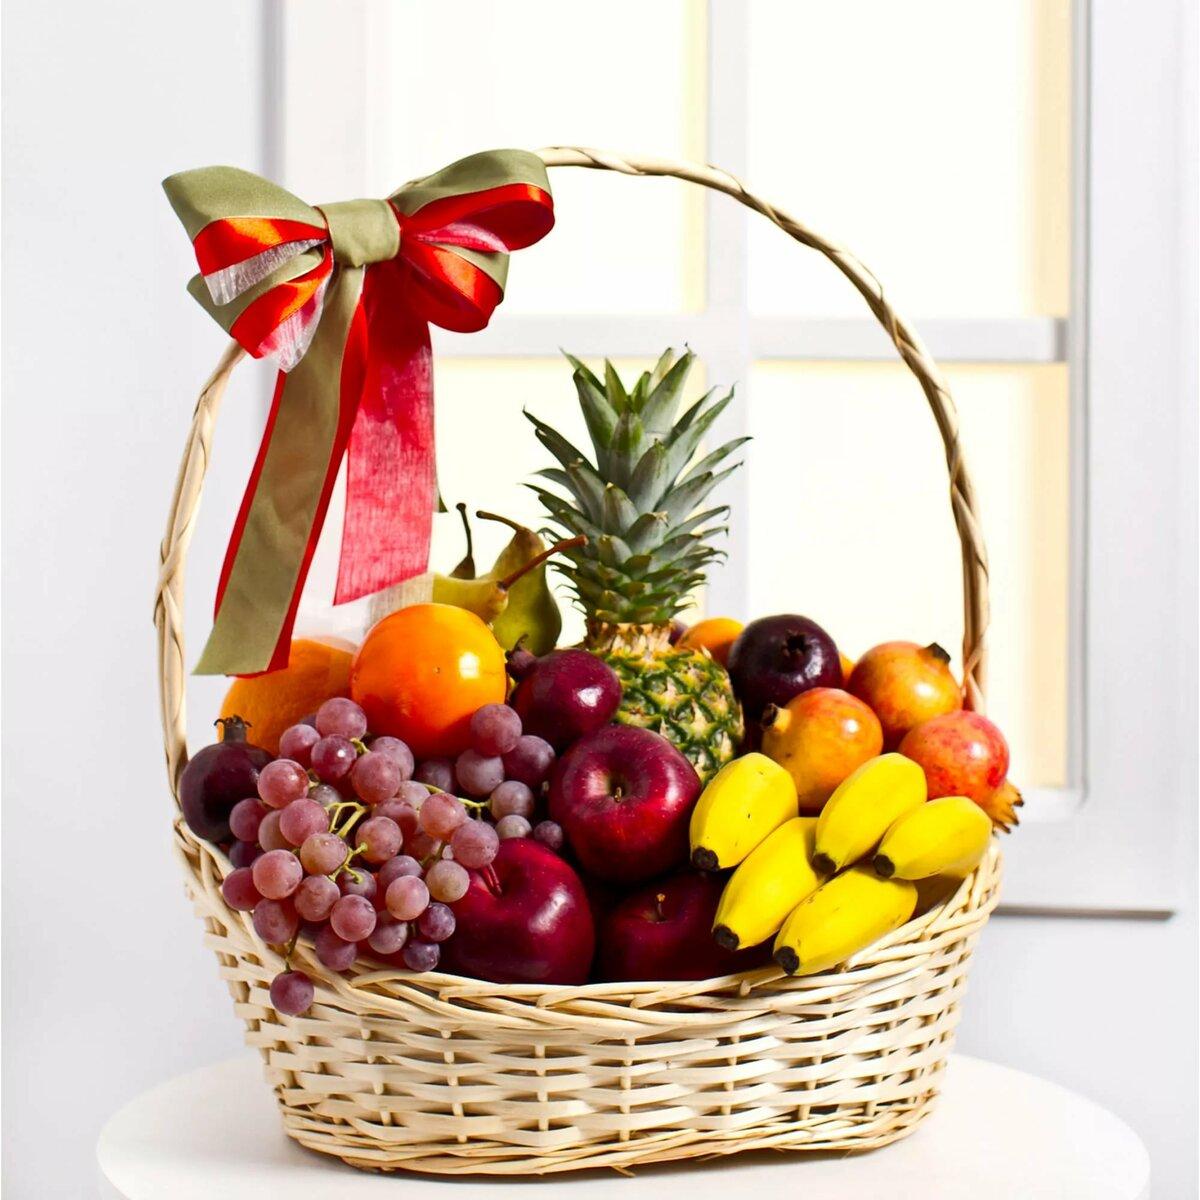 этом поздравления к подарку ваза с фруктами вере